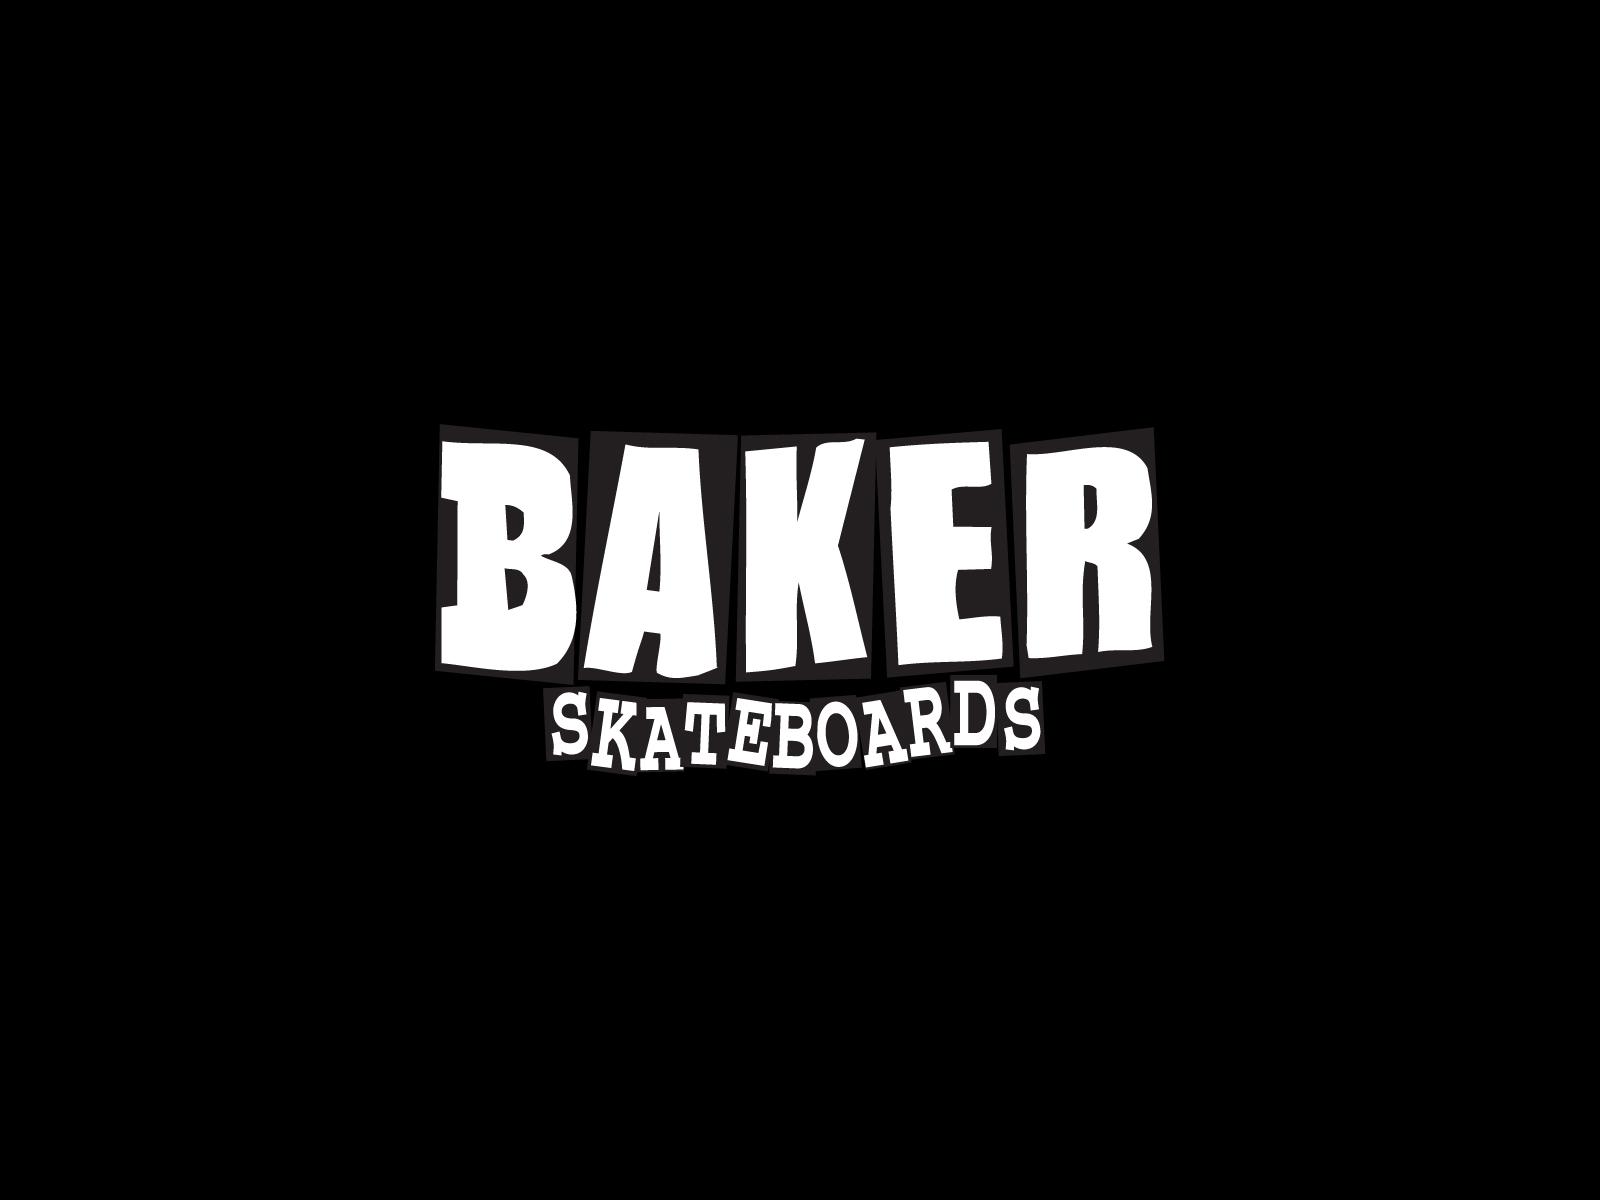 Skateboarding wallpapers skateboard wallpapers sk8 walls Find 1600x1200